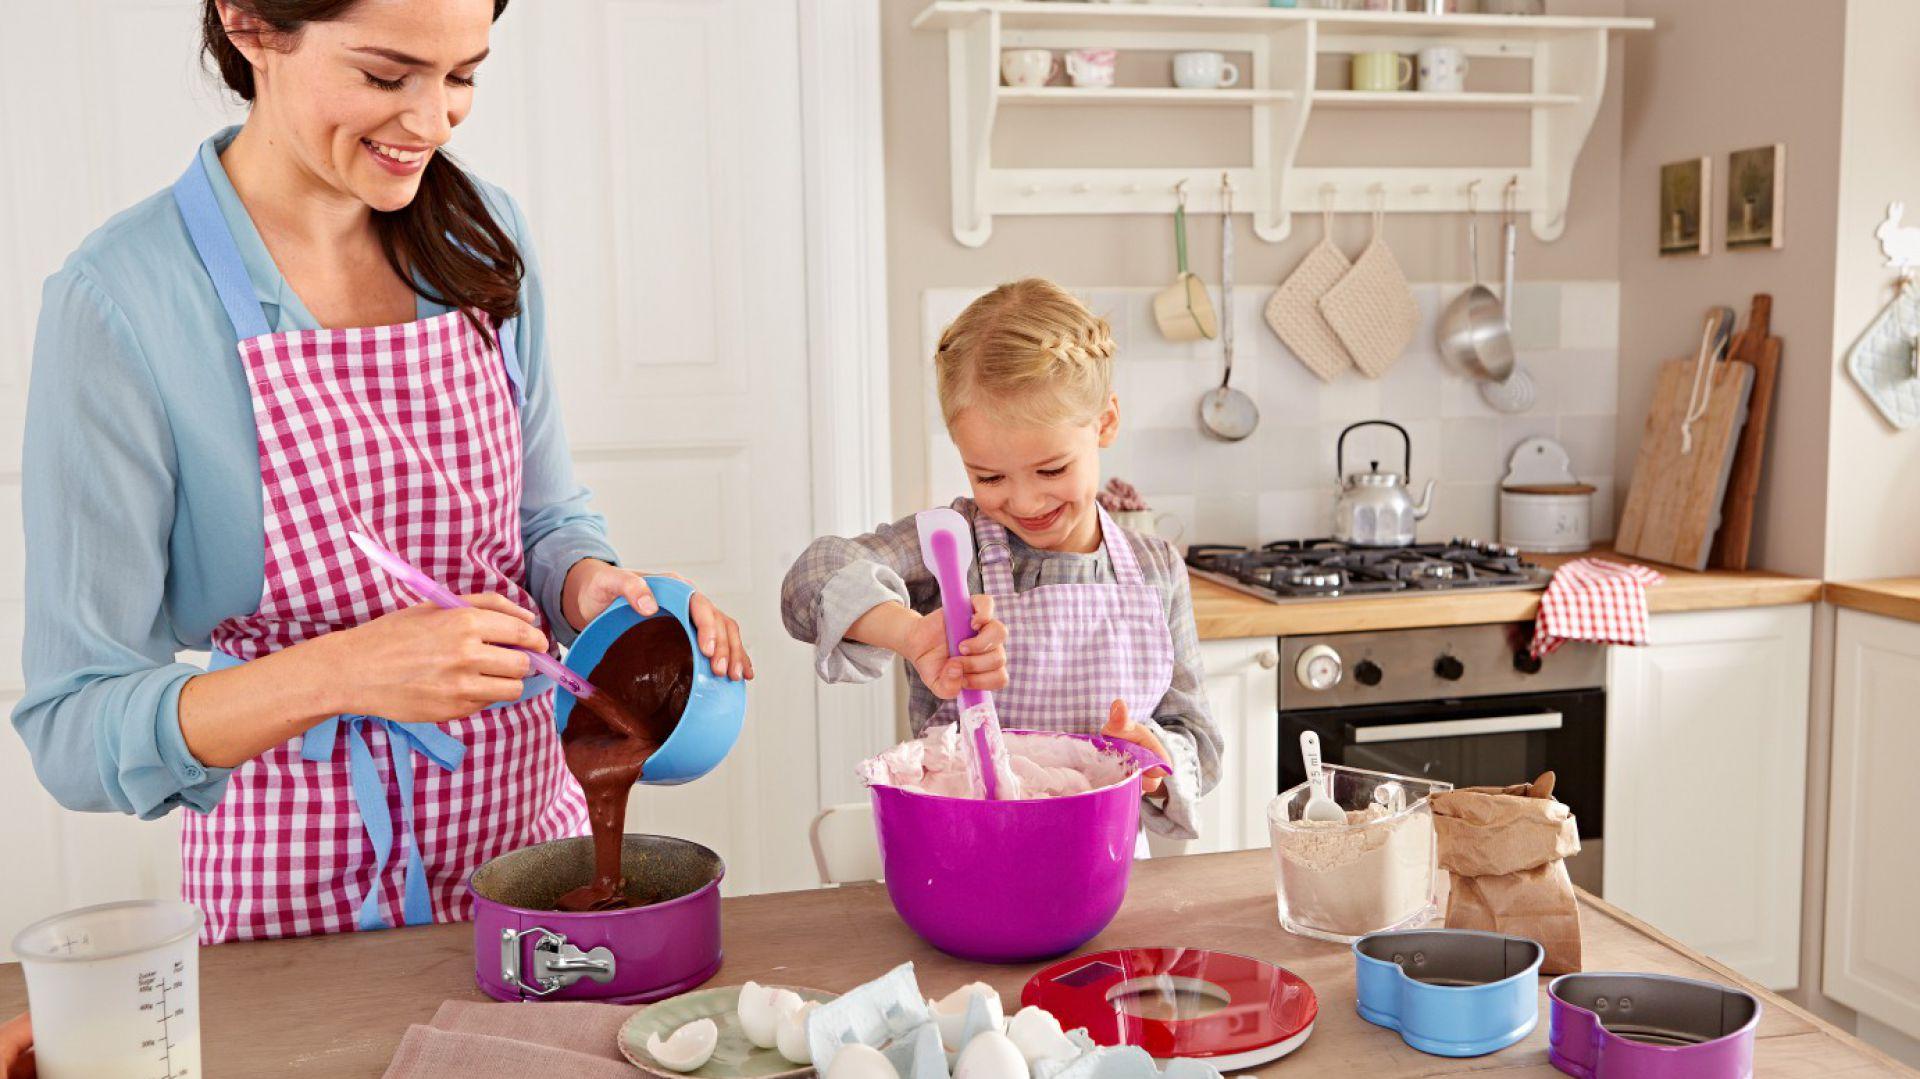 Kolorowe akcesoria do pieczenia i przygotowywania ciast od Tchibo. Tortownica otwierana o średnicy 18 cm – 29, 95 zł, miniaturowe formy w kształcie serc – 34,95 zł/2 sztuki, miski do miksowania z tworzywa sztucznego – 59,95 zł, skrobak do ciasta – 24,95 zł, waga kuchenna – 49, 95 zł.